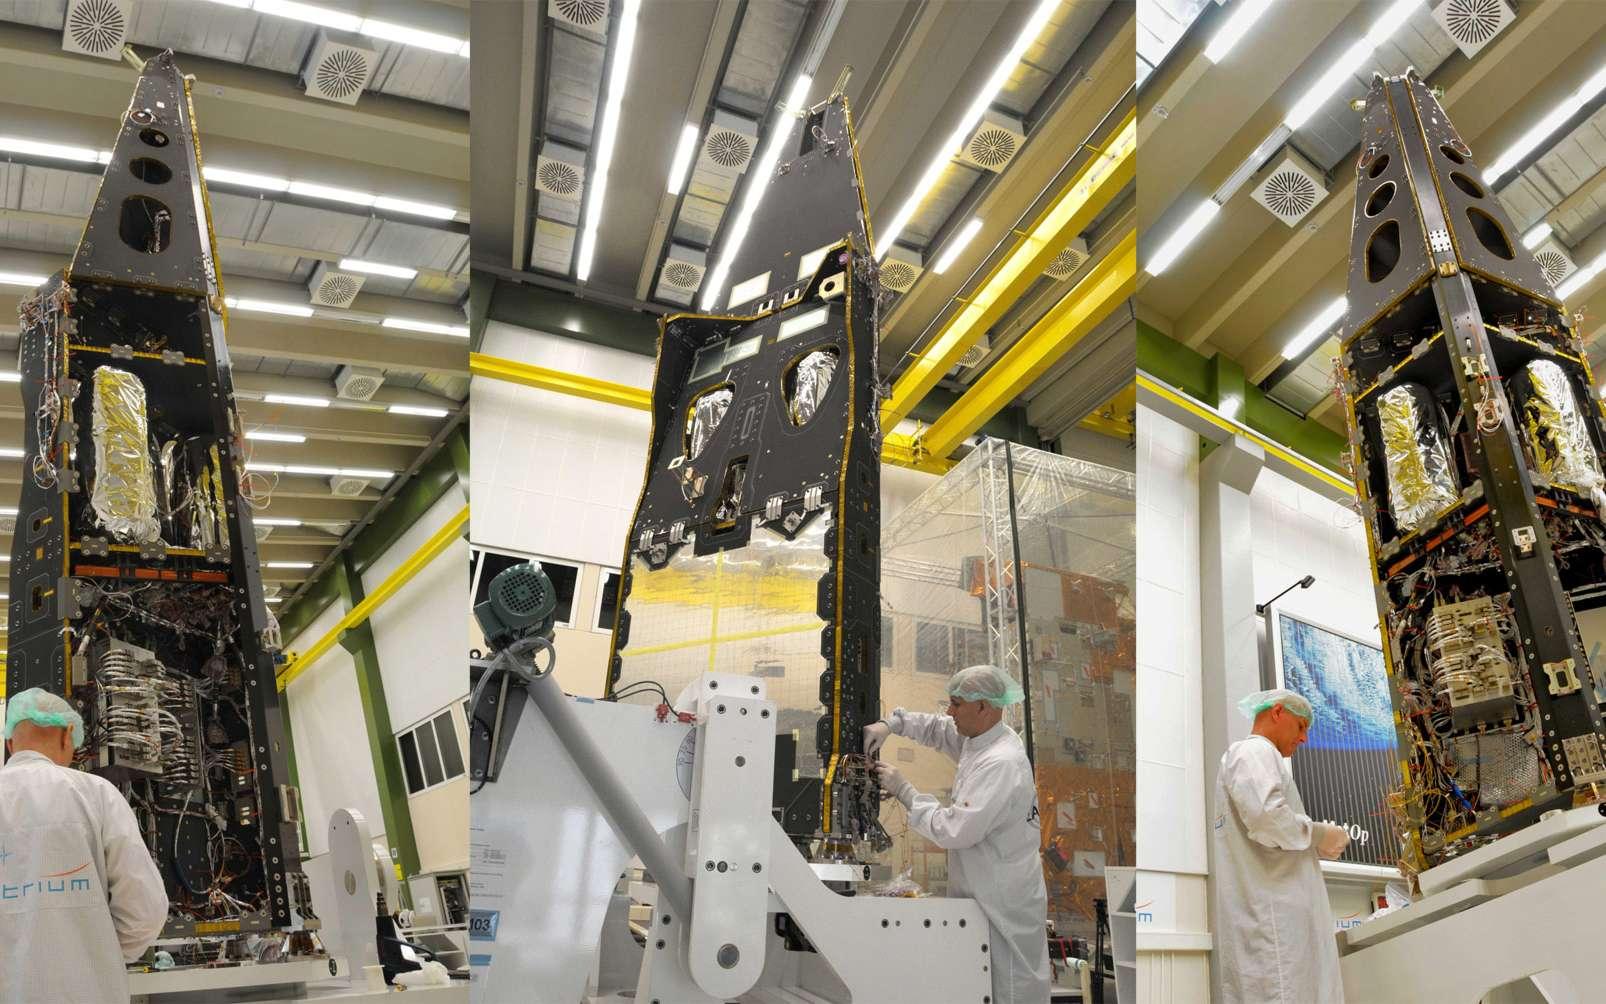 Pour Astrium, Swarm est la suite de développement engagés dès les années 1970 avec ISSE-B, le premier satellite dédié à la recherche sur le champ magnétique dans l'espace. Suivront les quatre satellites de Cluster et Champ, tous lancés en 2000. © Astrium/A. Ruttloff/2010